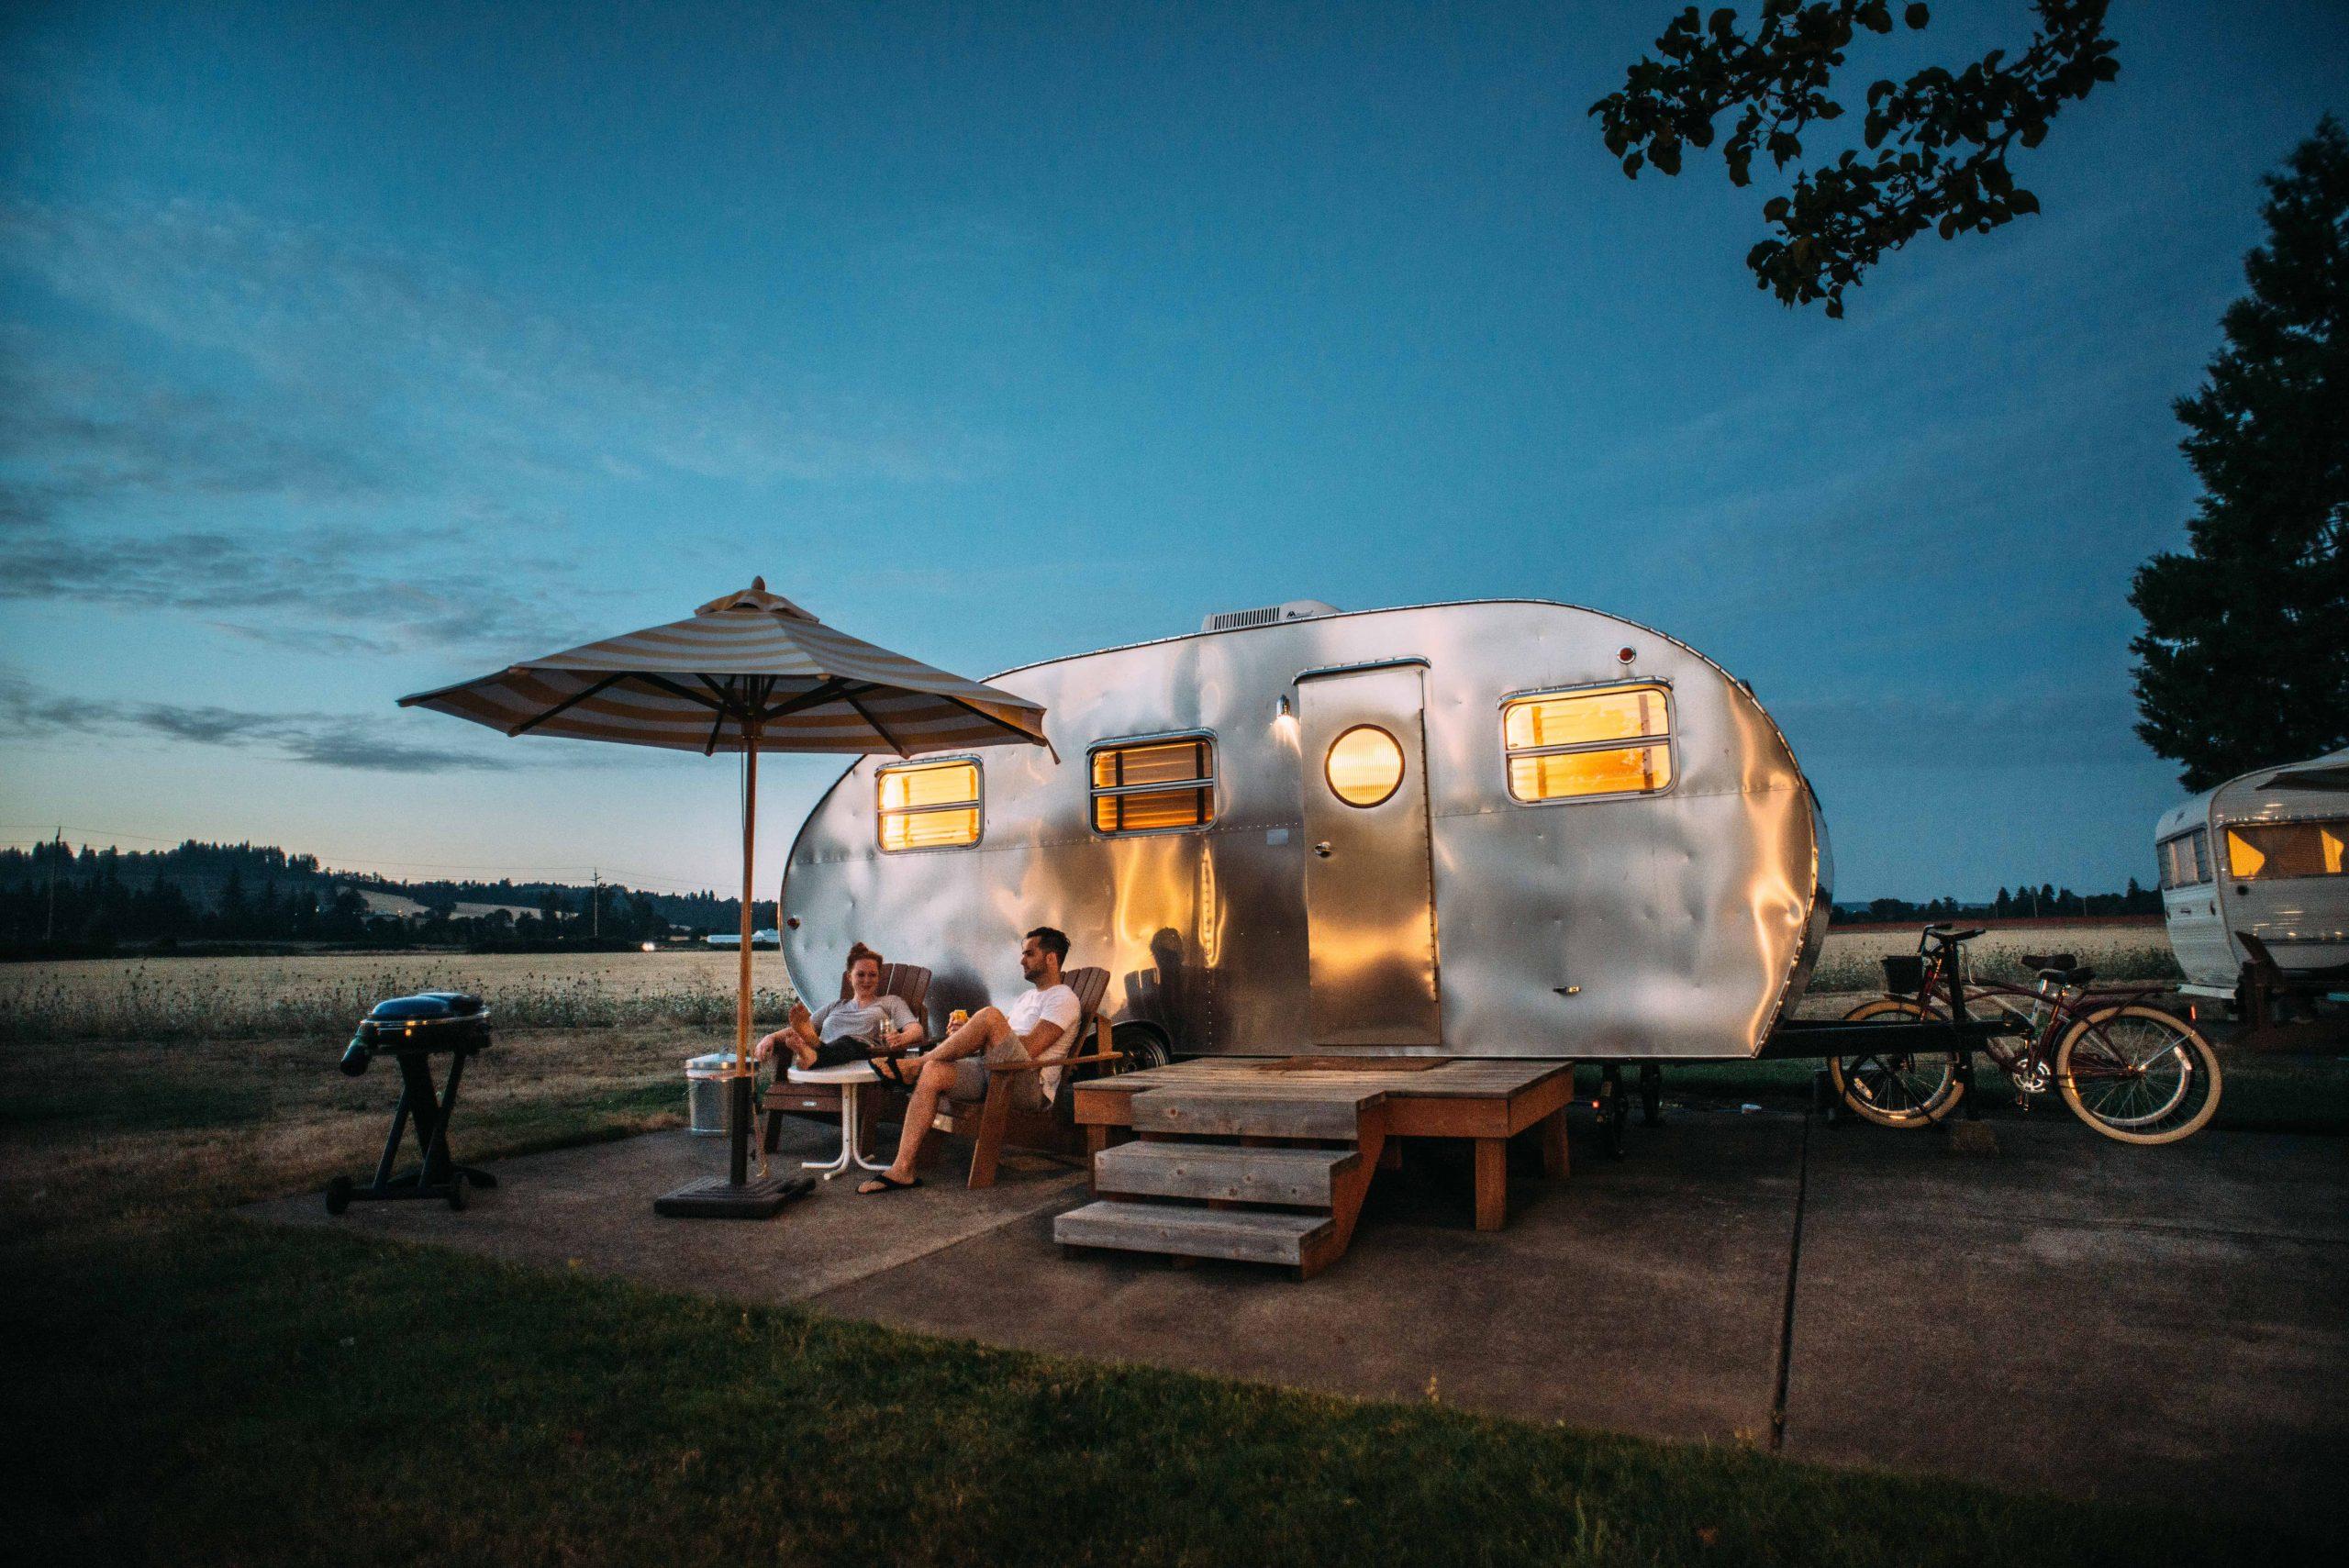 Campinglampe: Test & Empfehlungen (01/21)